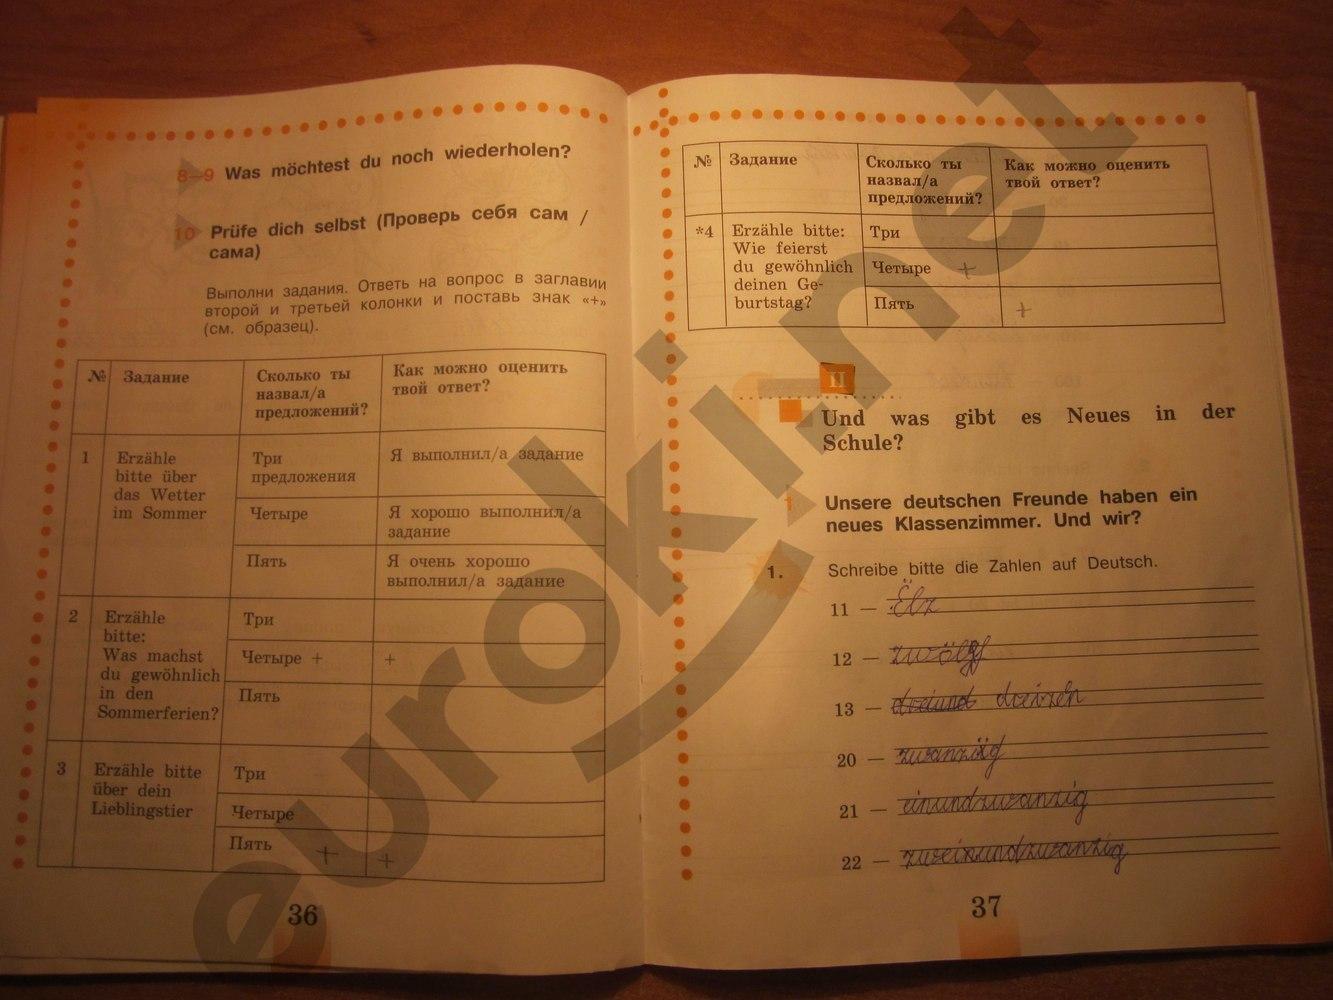 ГДЗ по немецкому языку 4 класс рабочая тетрадь Бим И.Л., Рыжова Л.И. Часть 1. Задание: стр. 36-37